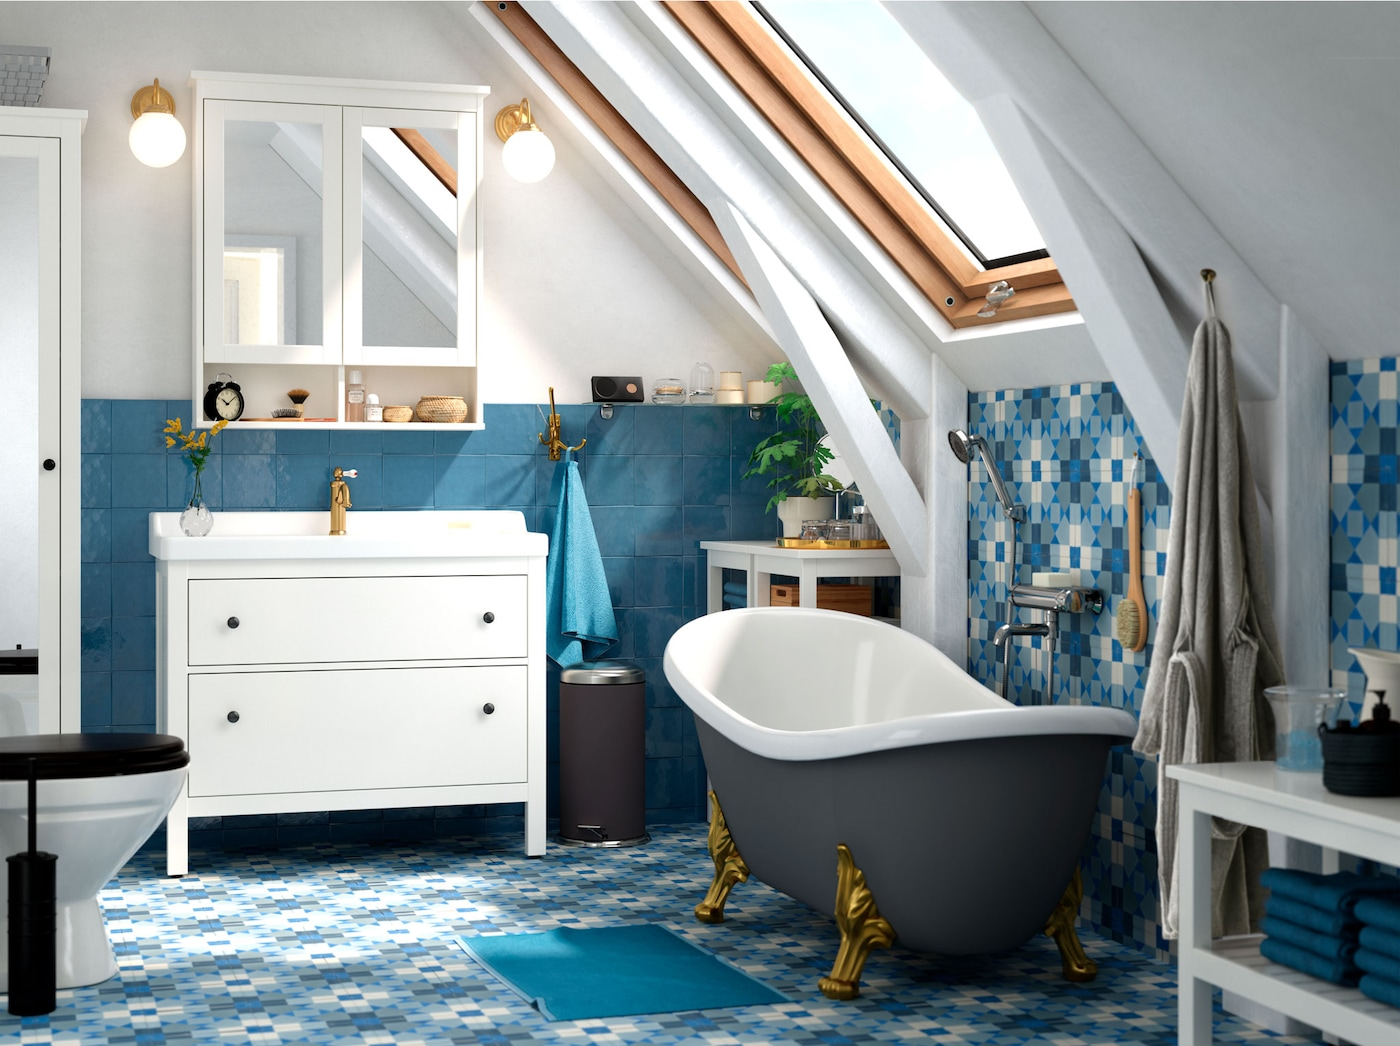 El lavabo IKEA HEMNES/RÄTTVIKEN y el grifo para lavabo HAMNSKÄR crean un ambiente limpio y hermoso en tu baño.